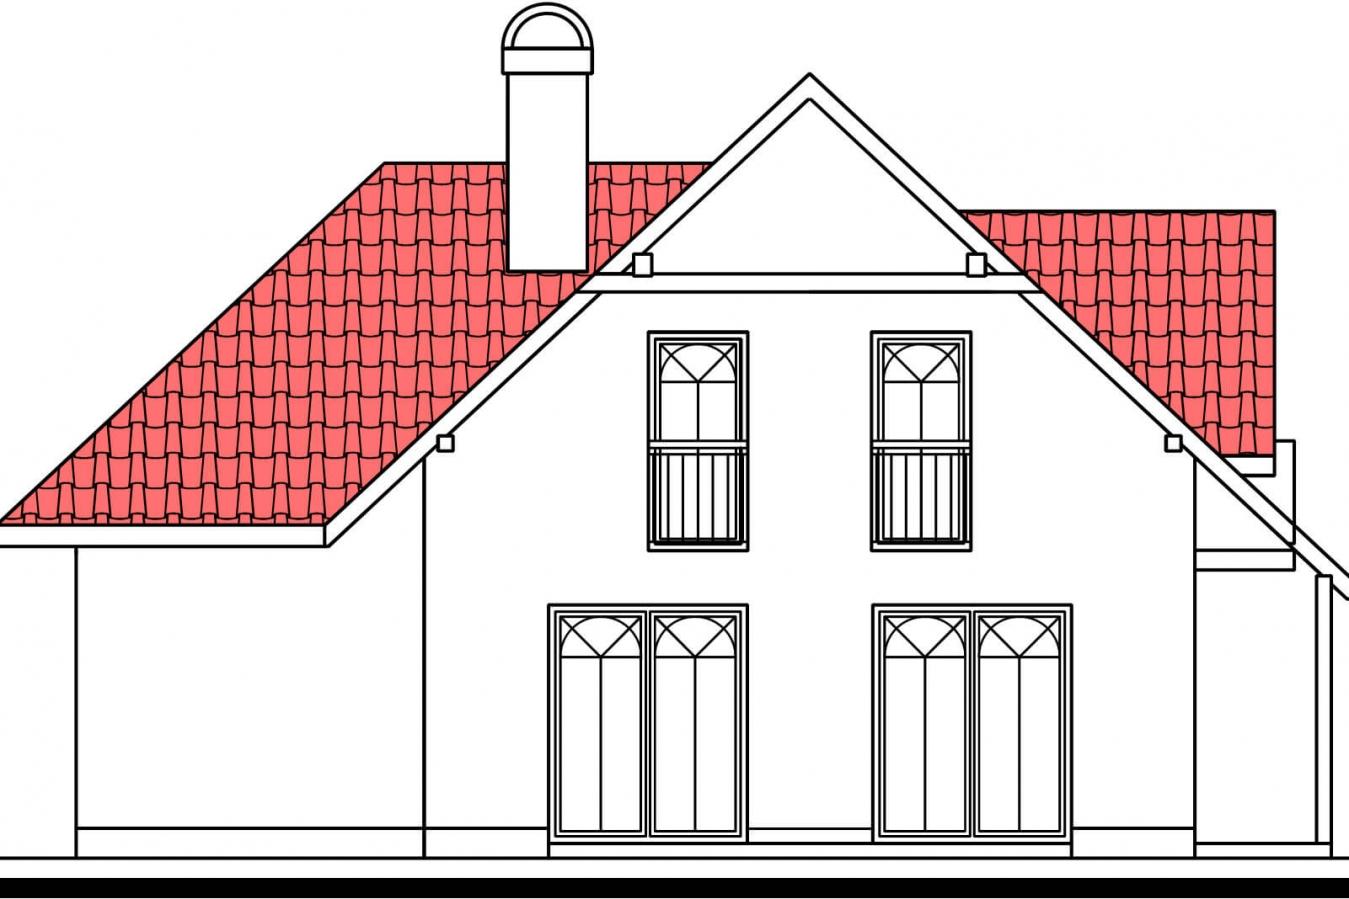 Pohľad 2. - Projekt domu na úzky pozemok so suterénom.